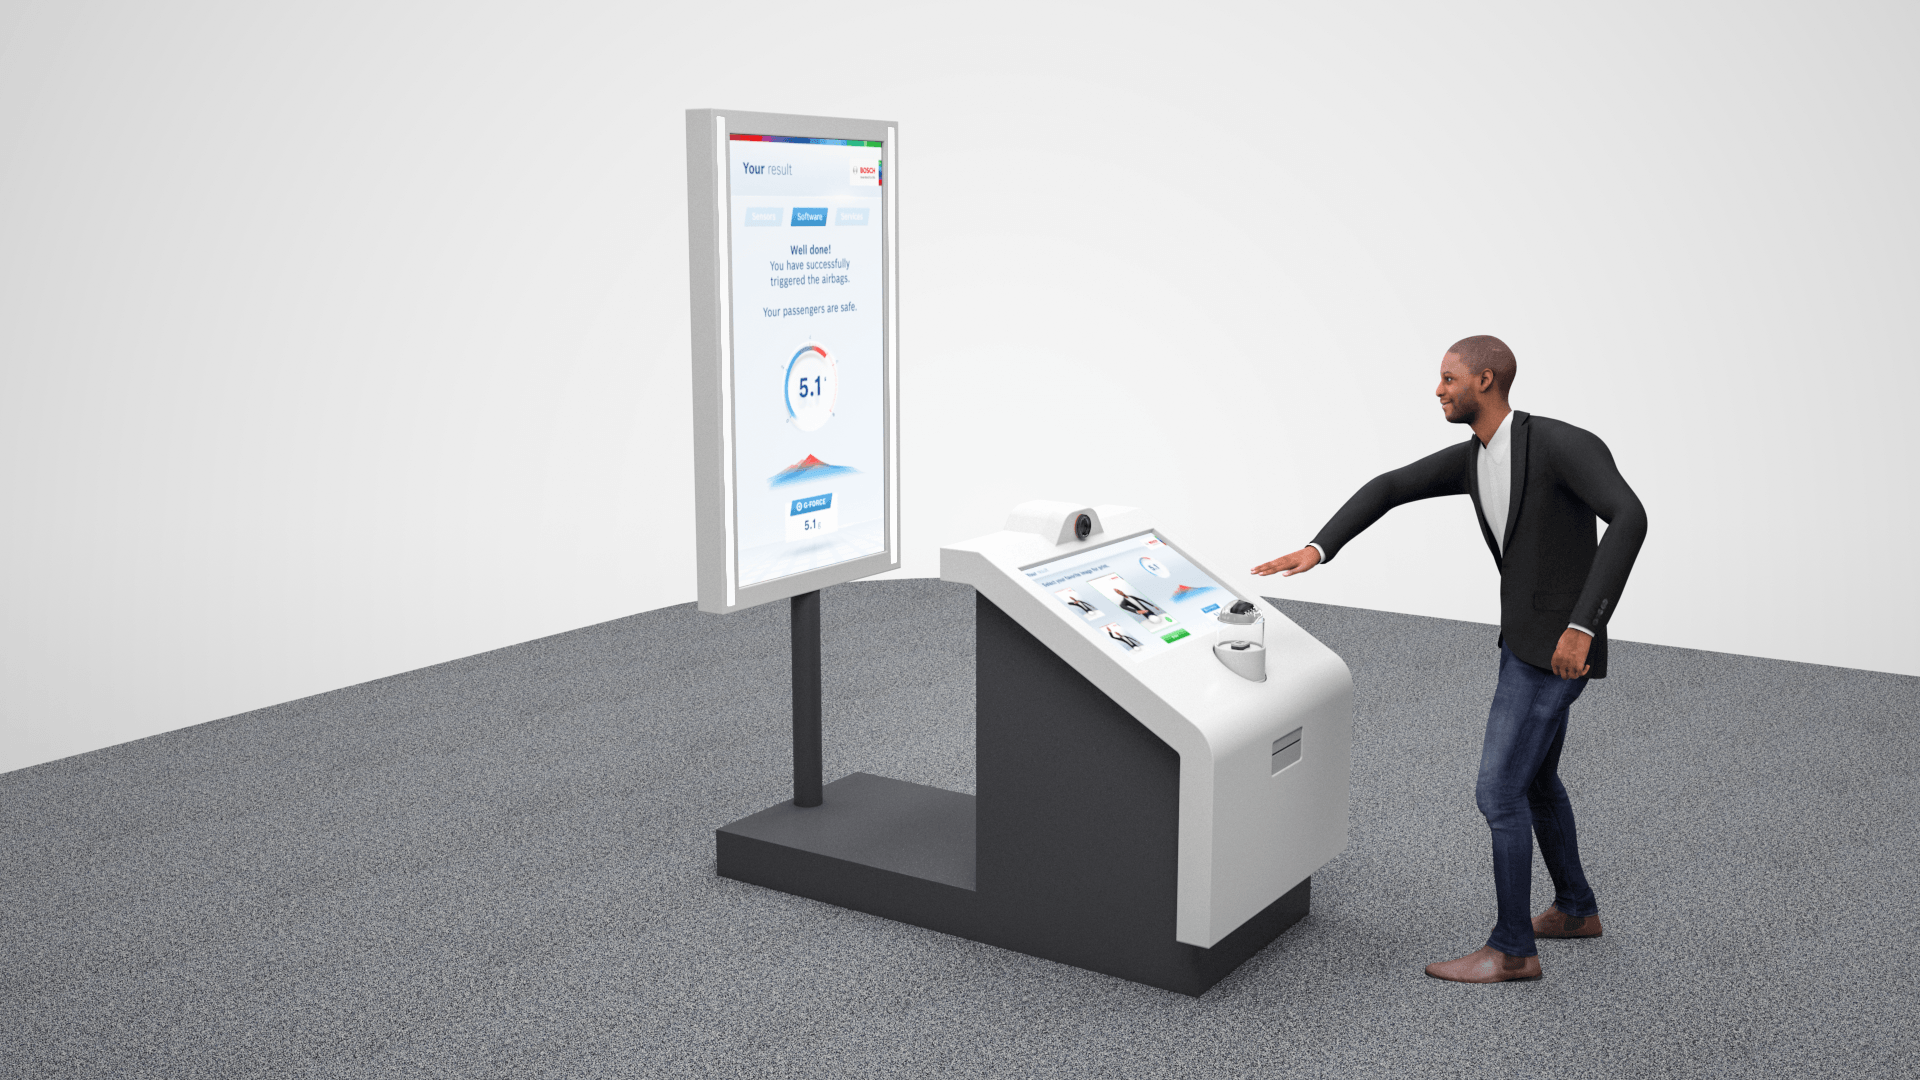 Erlebnisstation: Bosch zeigt spielerisch wie IoT funktioniert